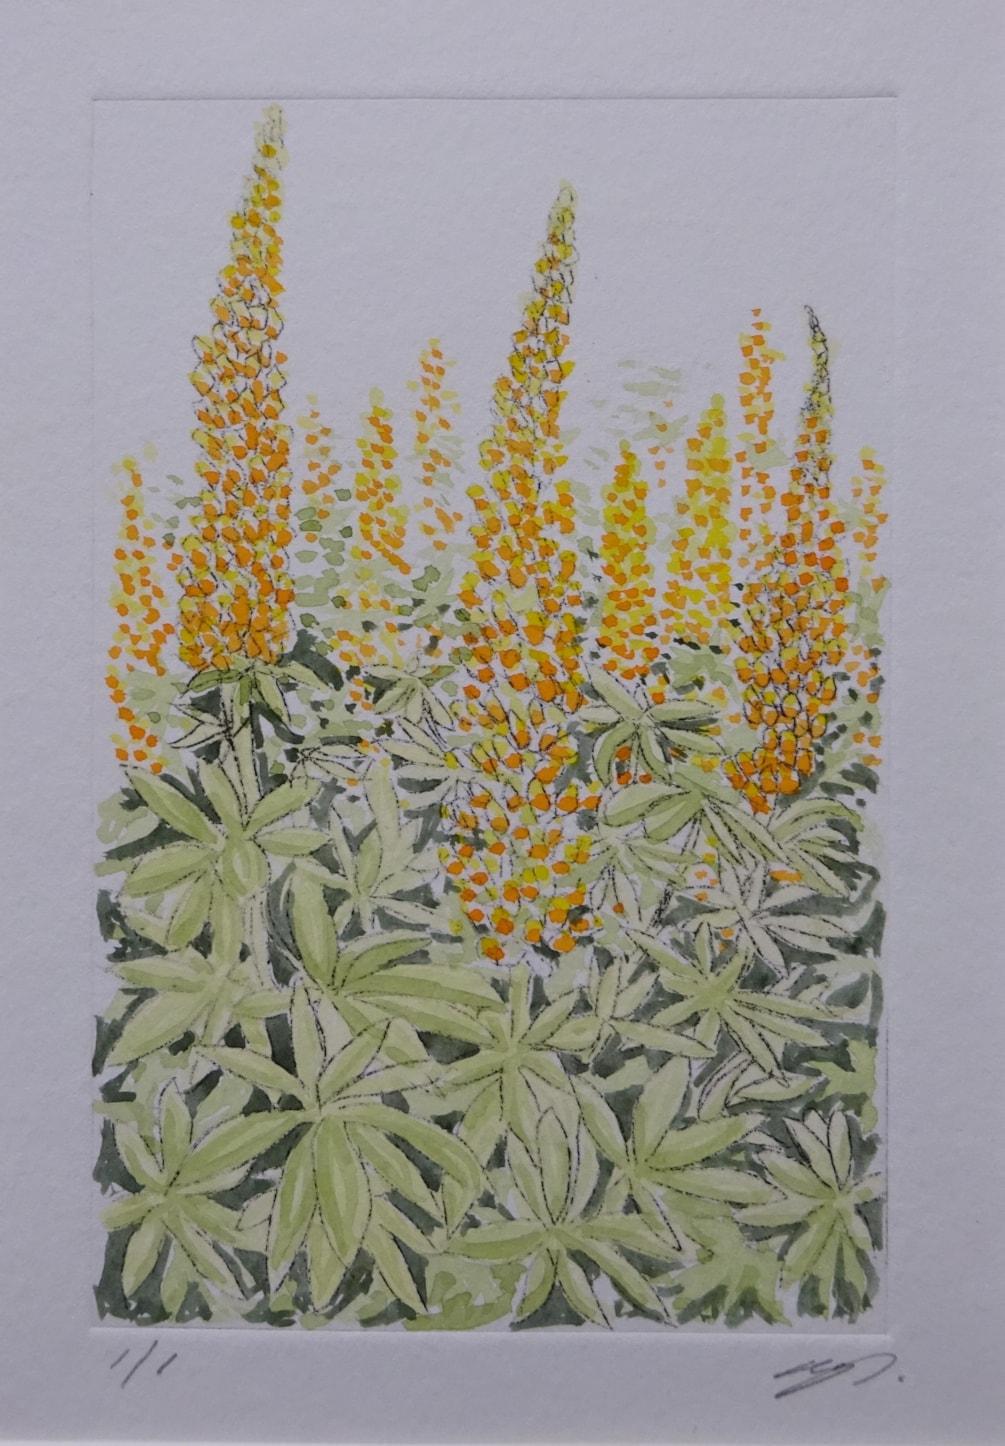 Cottage garden lupins - yellows